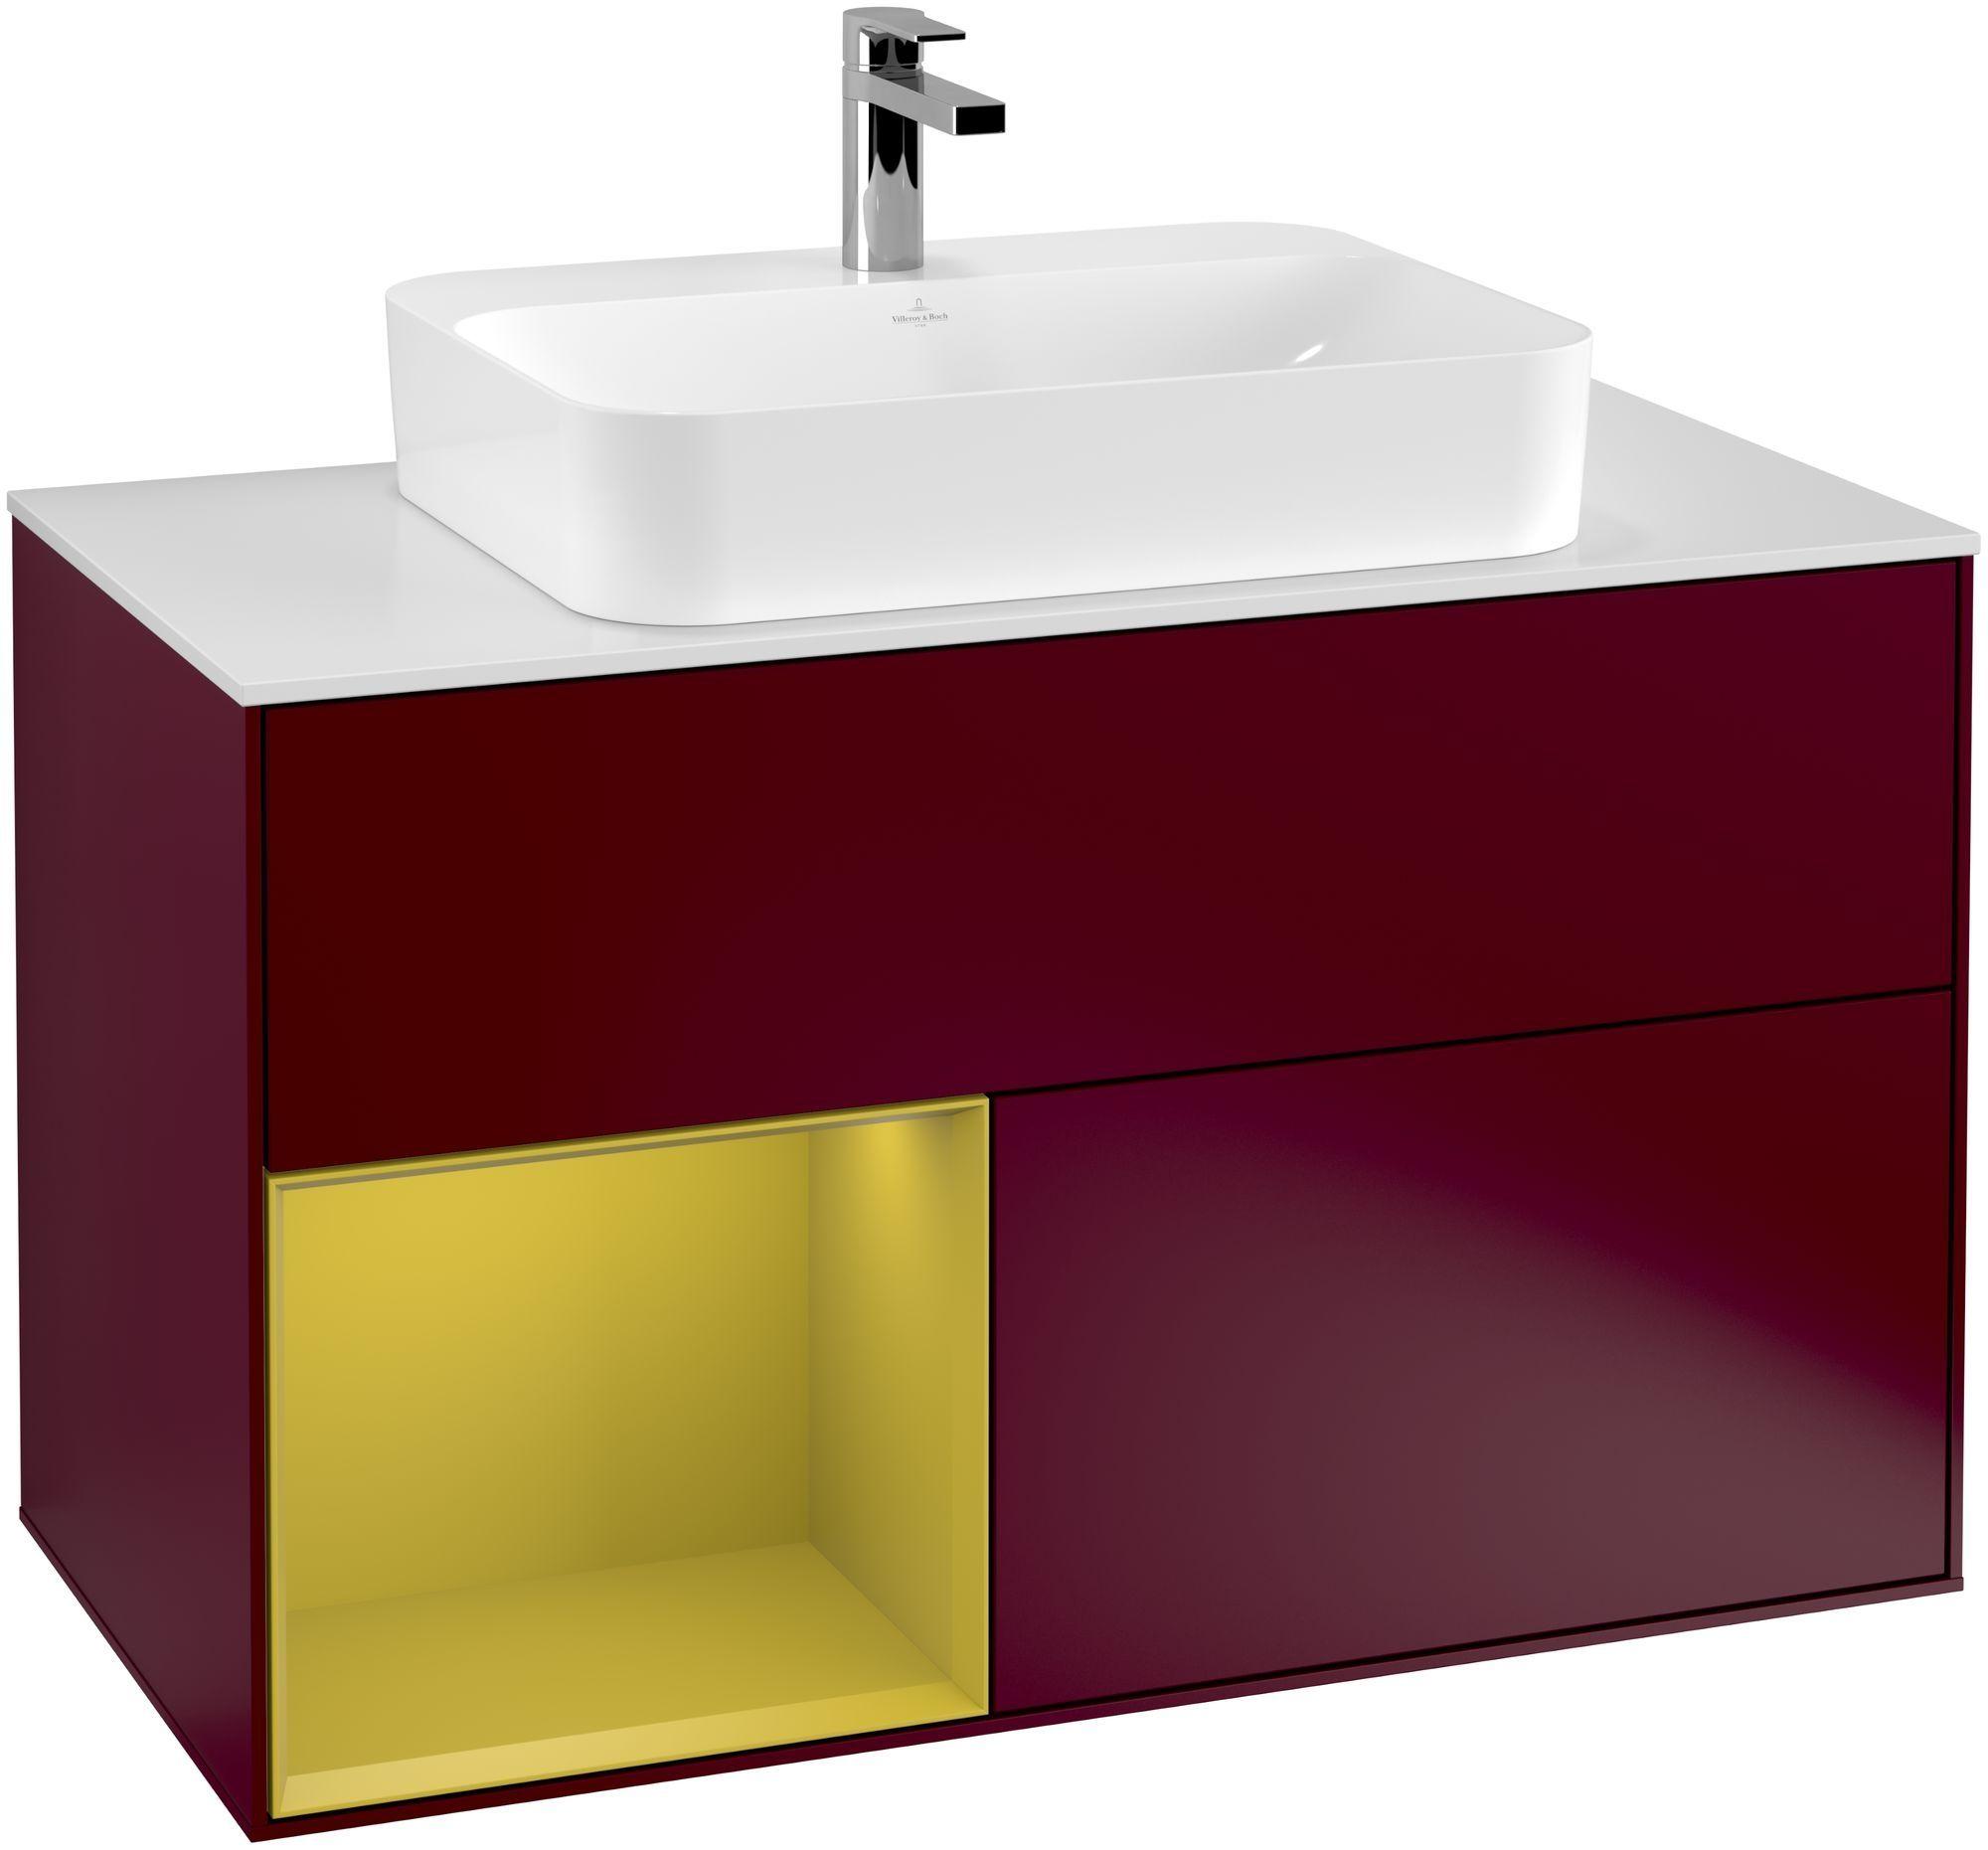 Villeroy & Boch Finion F36 Waschtischunterschrank mit Regalelement 2 Auszüge für WT mittig LED-Beleuchtung B:100xH:60,3xT:50,1cm Front, Korpus: Peony, Regal: Sun, Glasplatte: White Matt F361HEHB